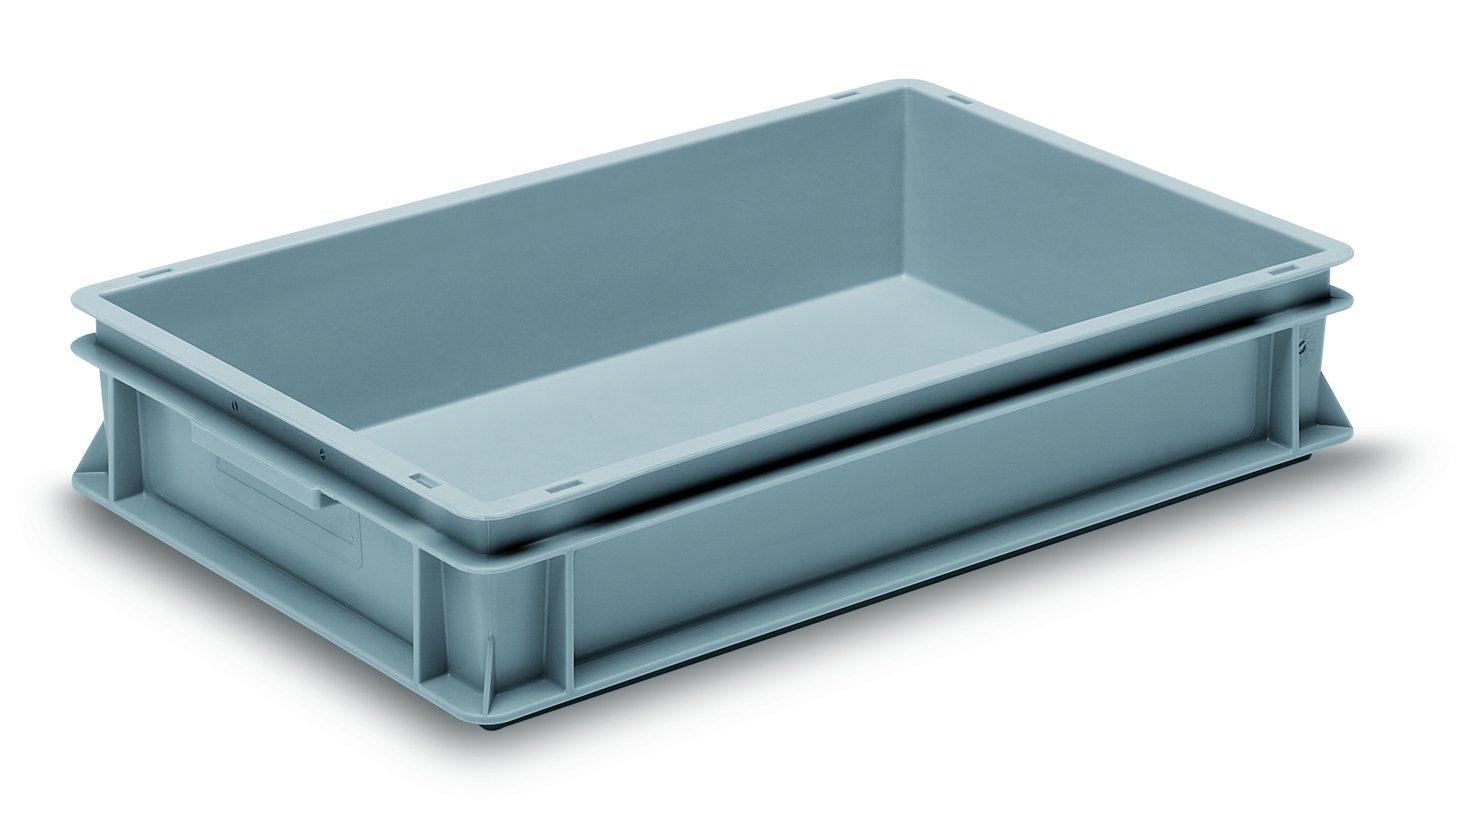 GCIP-RAKO GC604012P Container, Rako, PP, 600 mm x 400 mm x 120 mm, Grey GCIP-UTZ